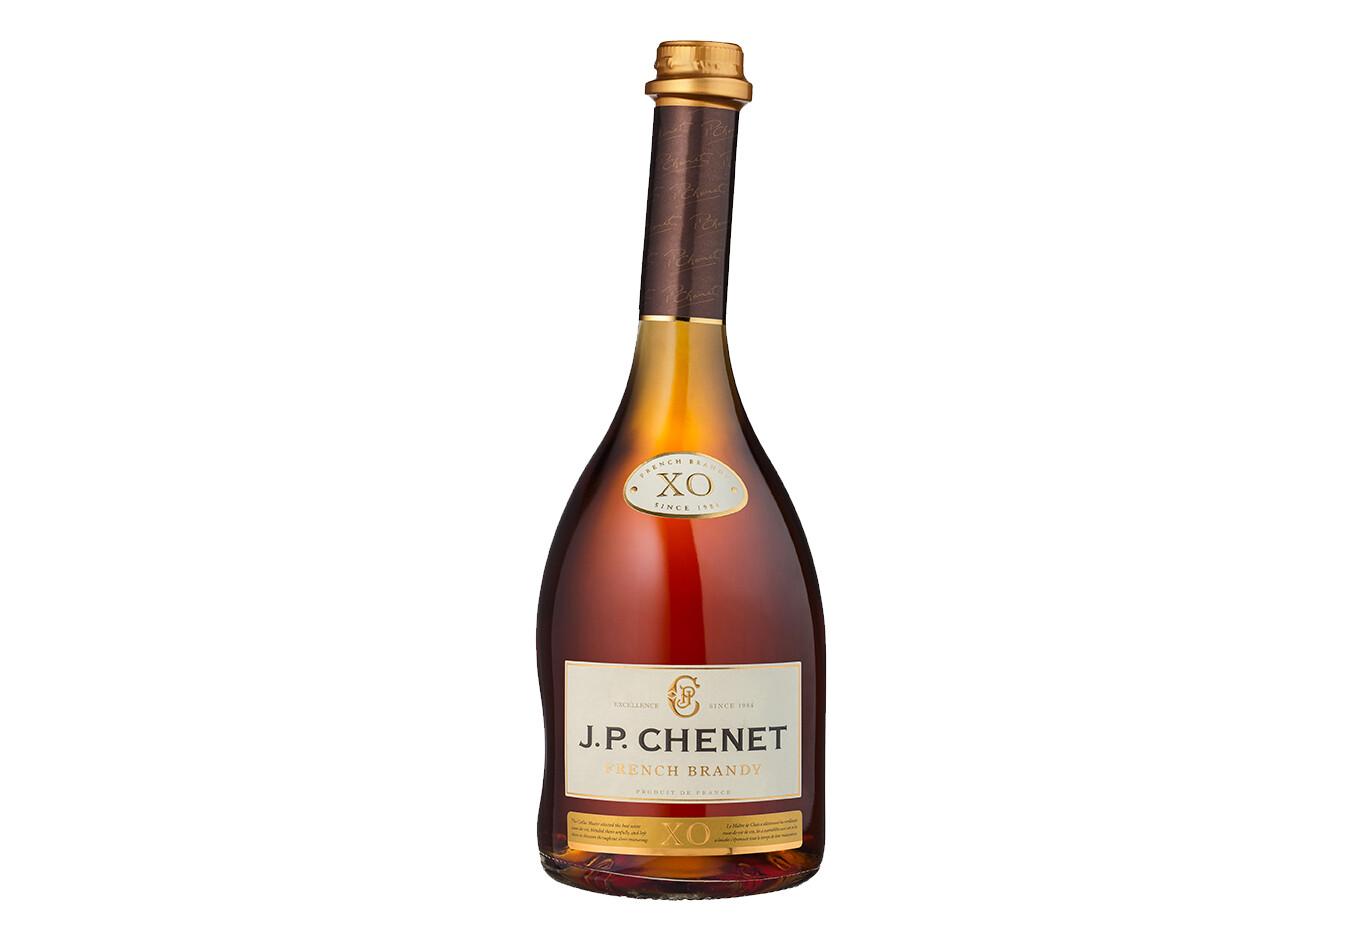 J.P CHENET FRENCH BRANDY XO 75CL